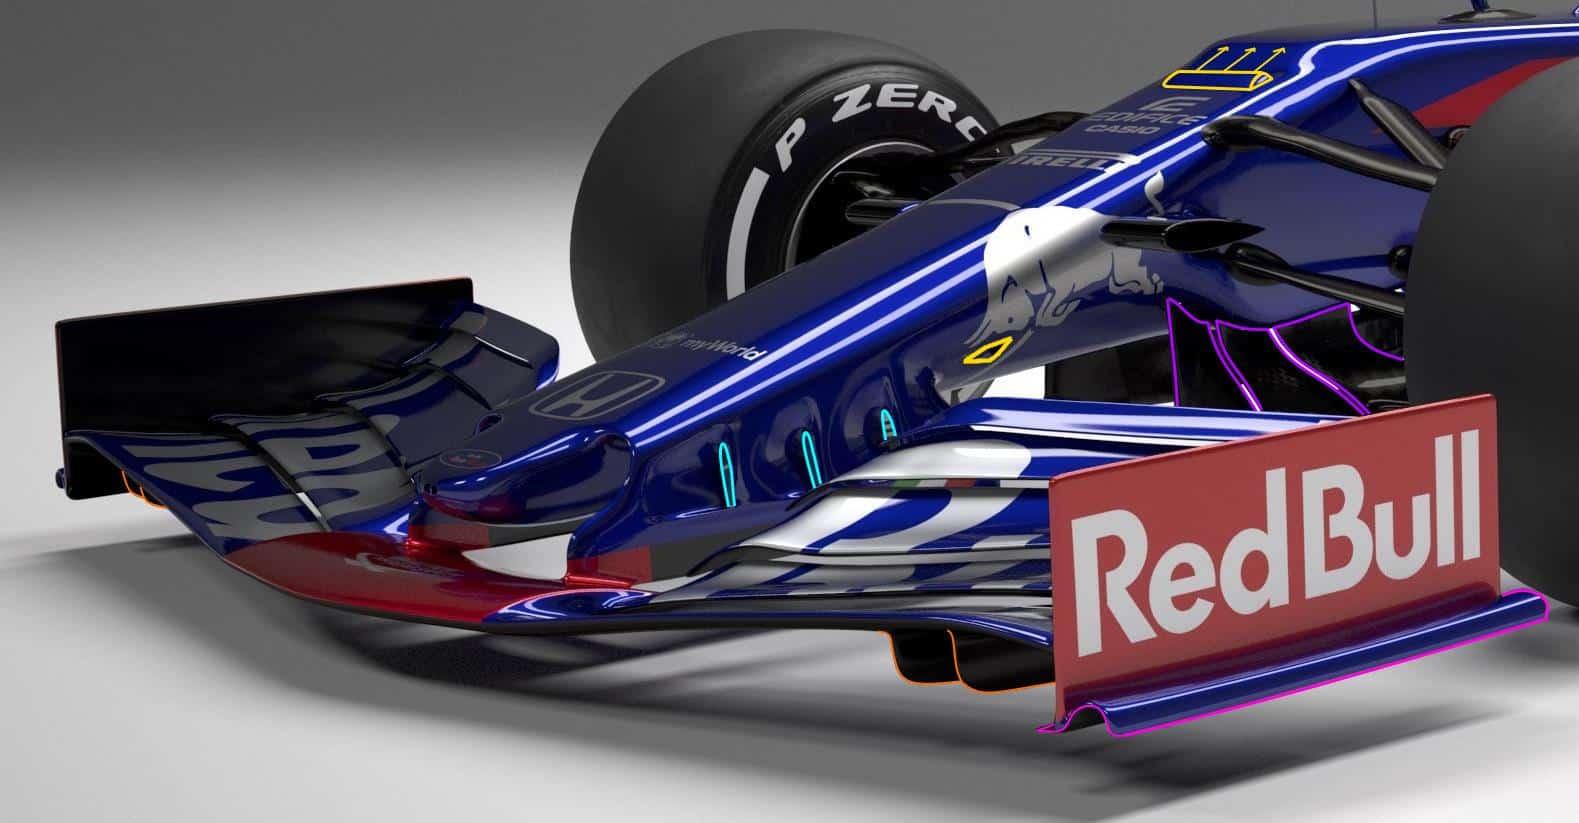 2019-Toro-Rosso-STR14-Honda-MAXF1net-F1tech-front-wing-side